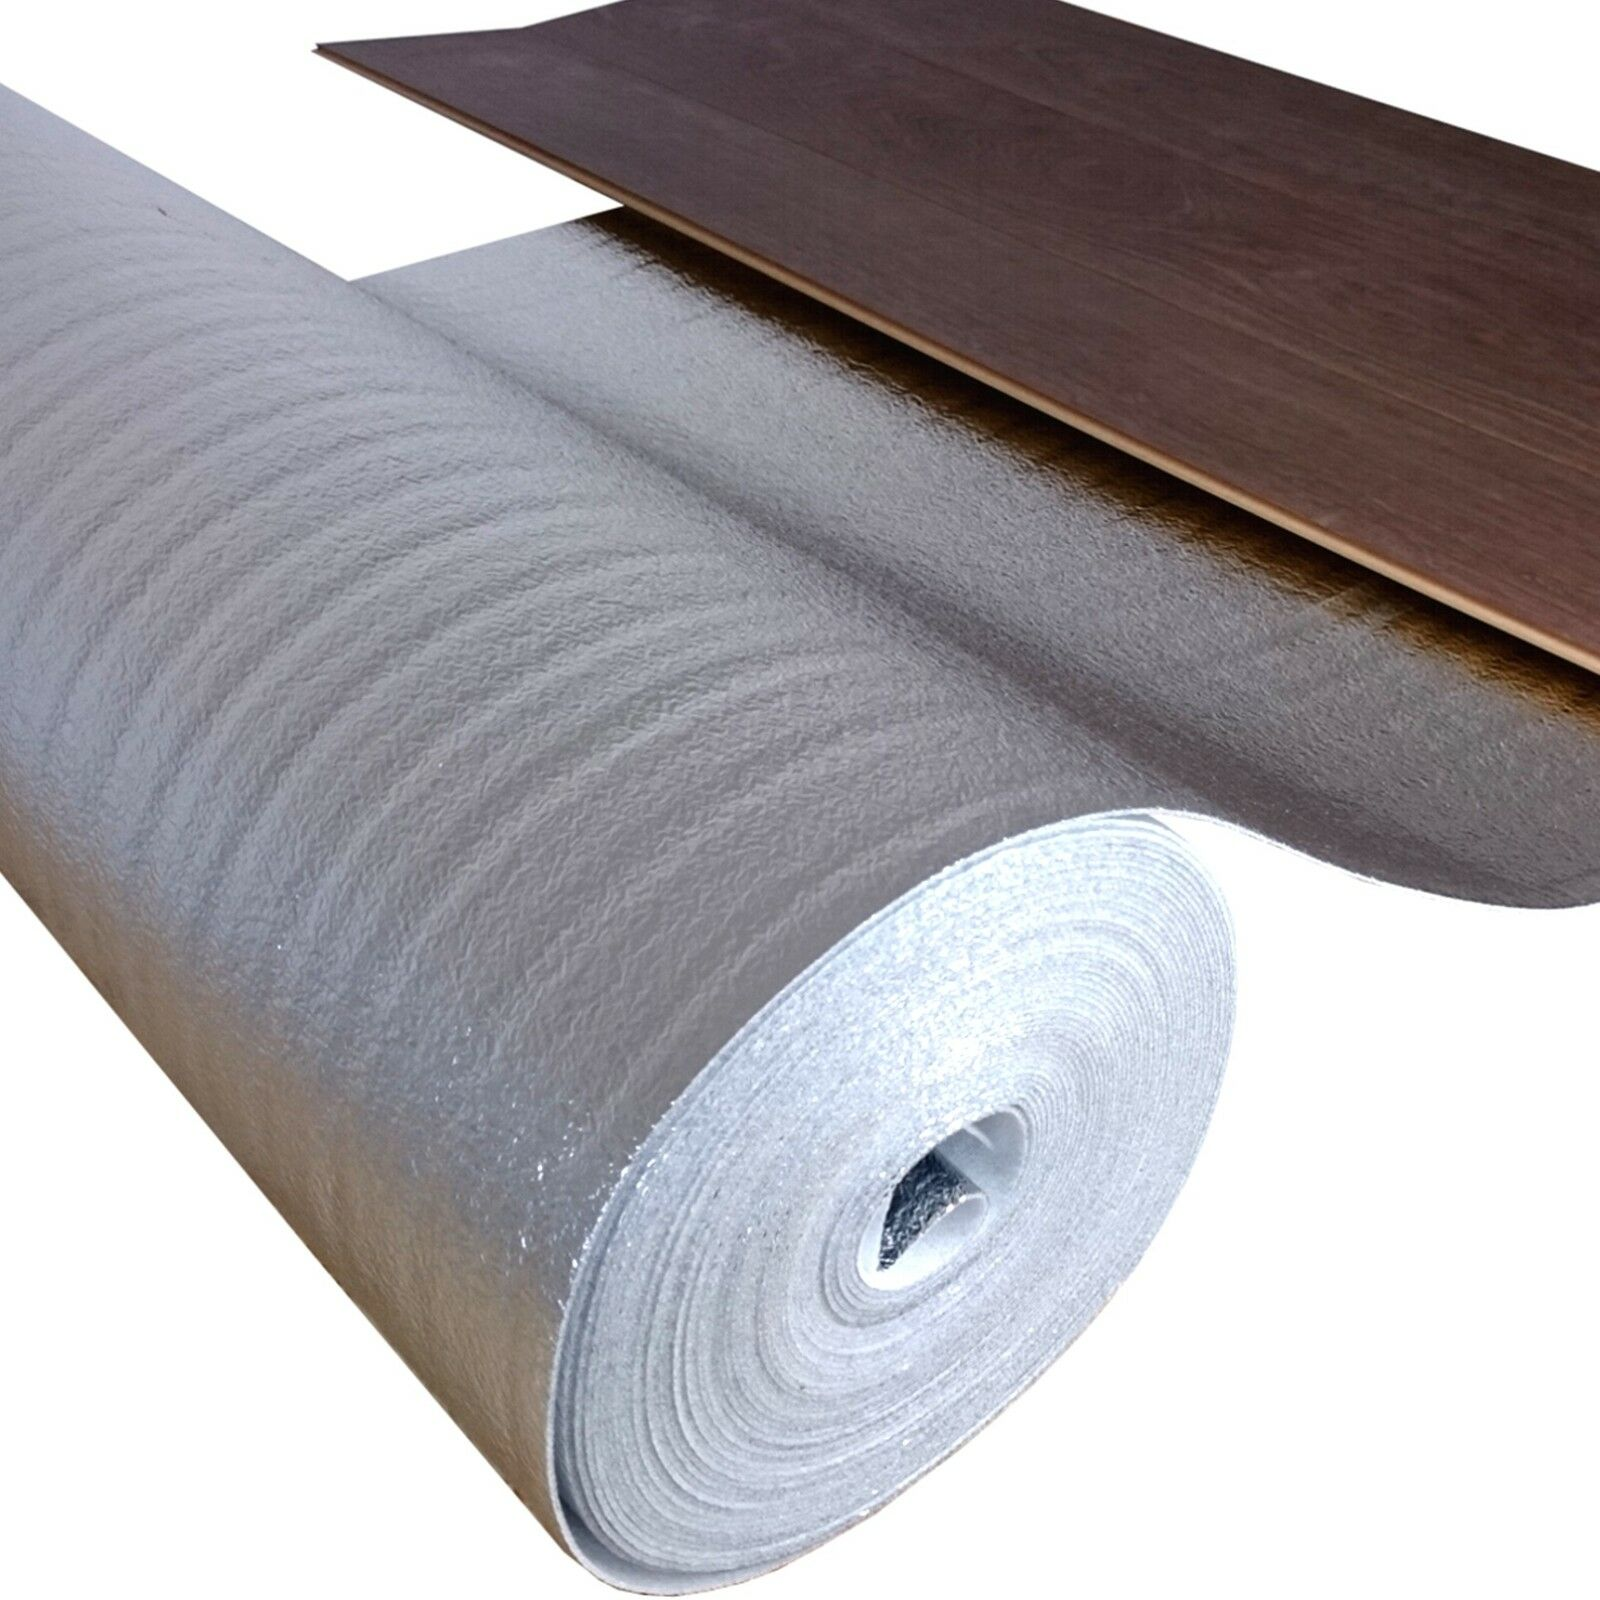 ALU-PE Schaum Trittschalldämmung 2 mm stark - Laminatböden mit Fußbodenheizung